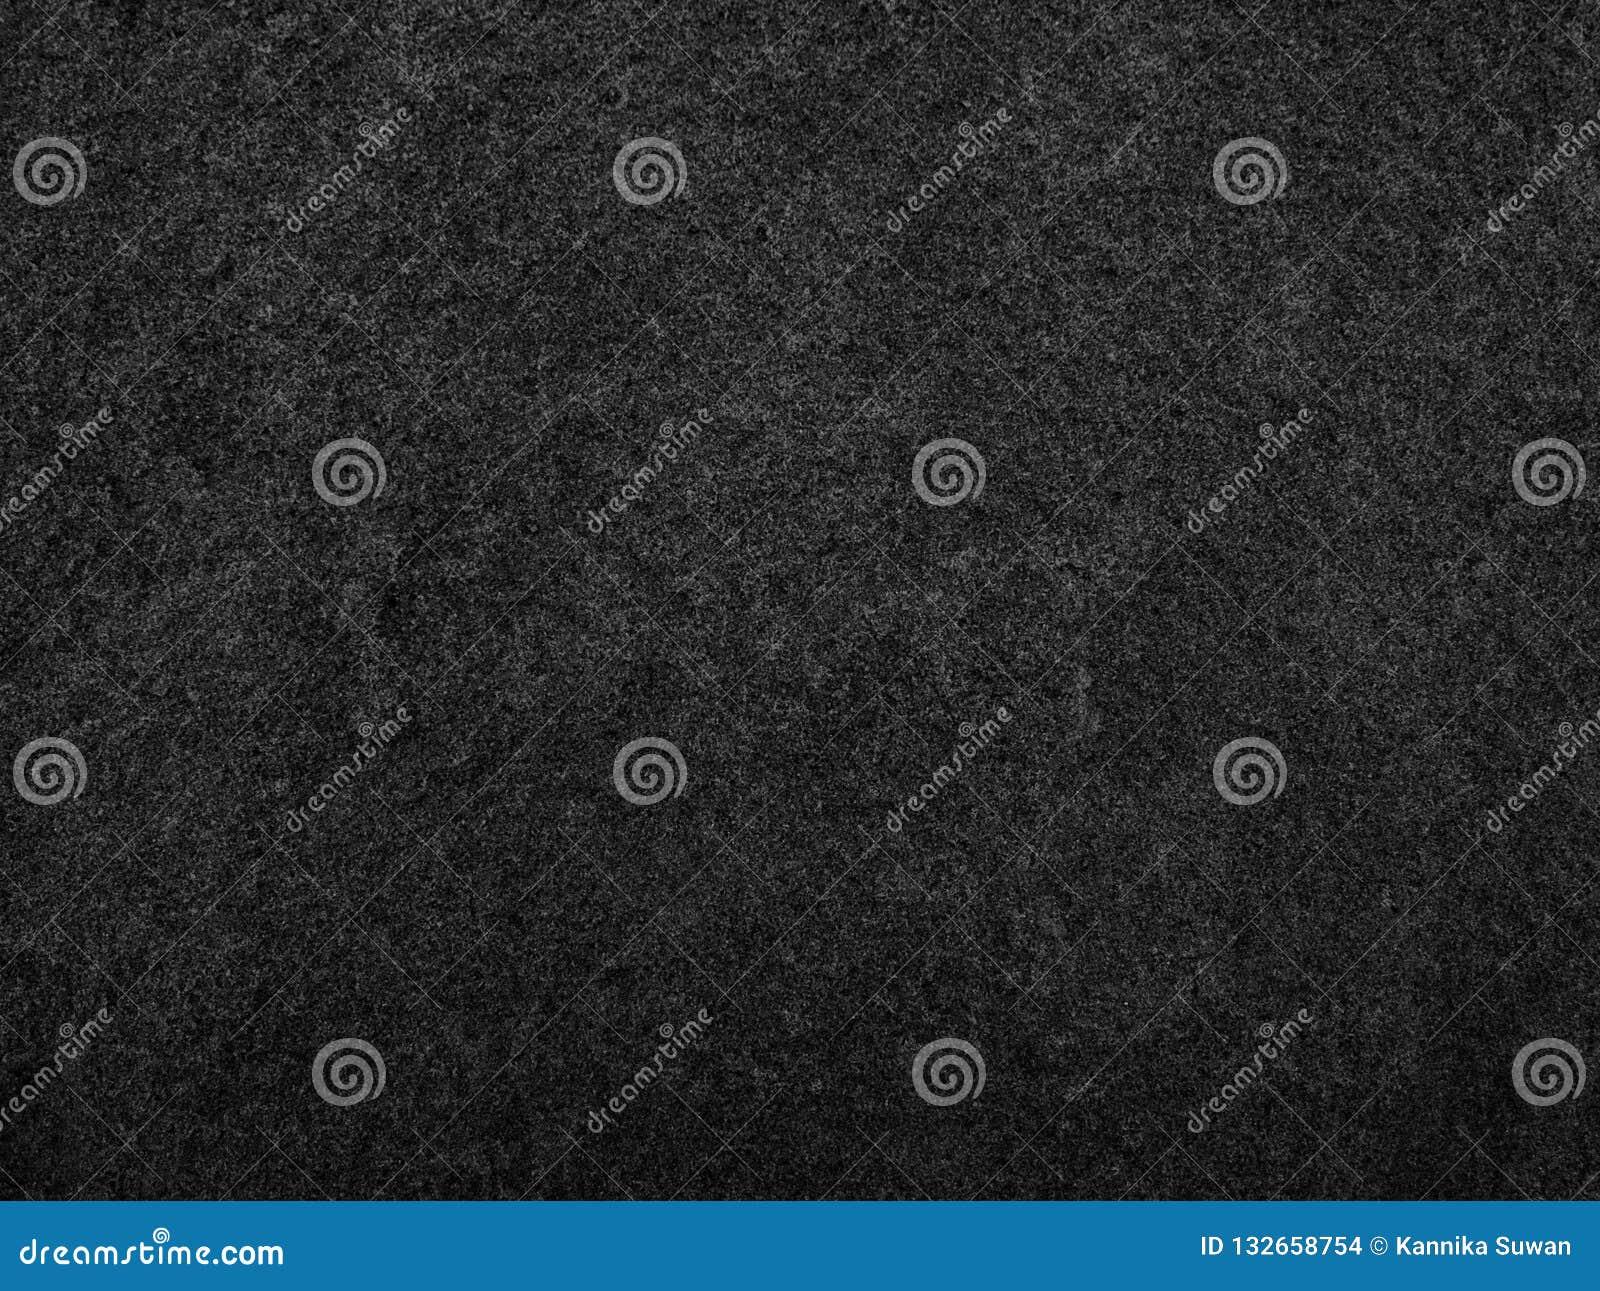 Μαύρη πέτρα, υπόβαθρο σύστασης πλακών